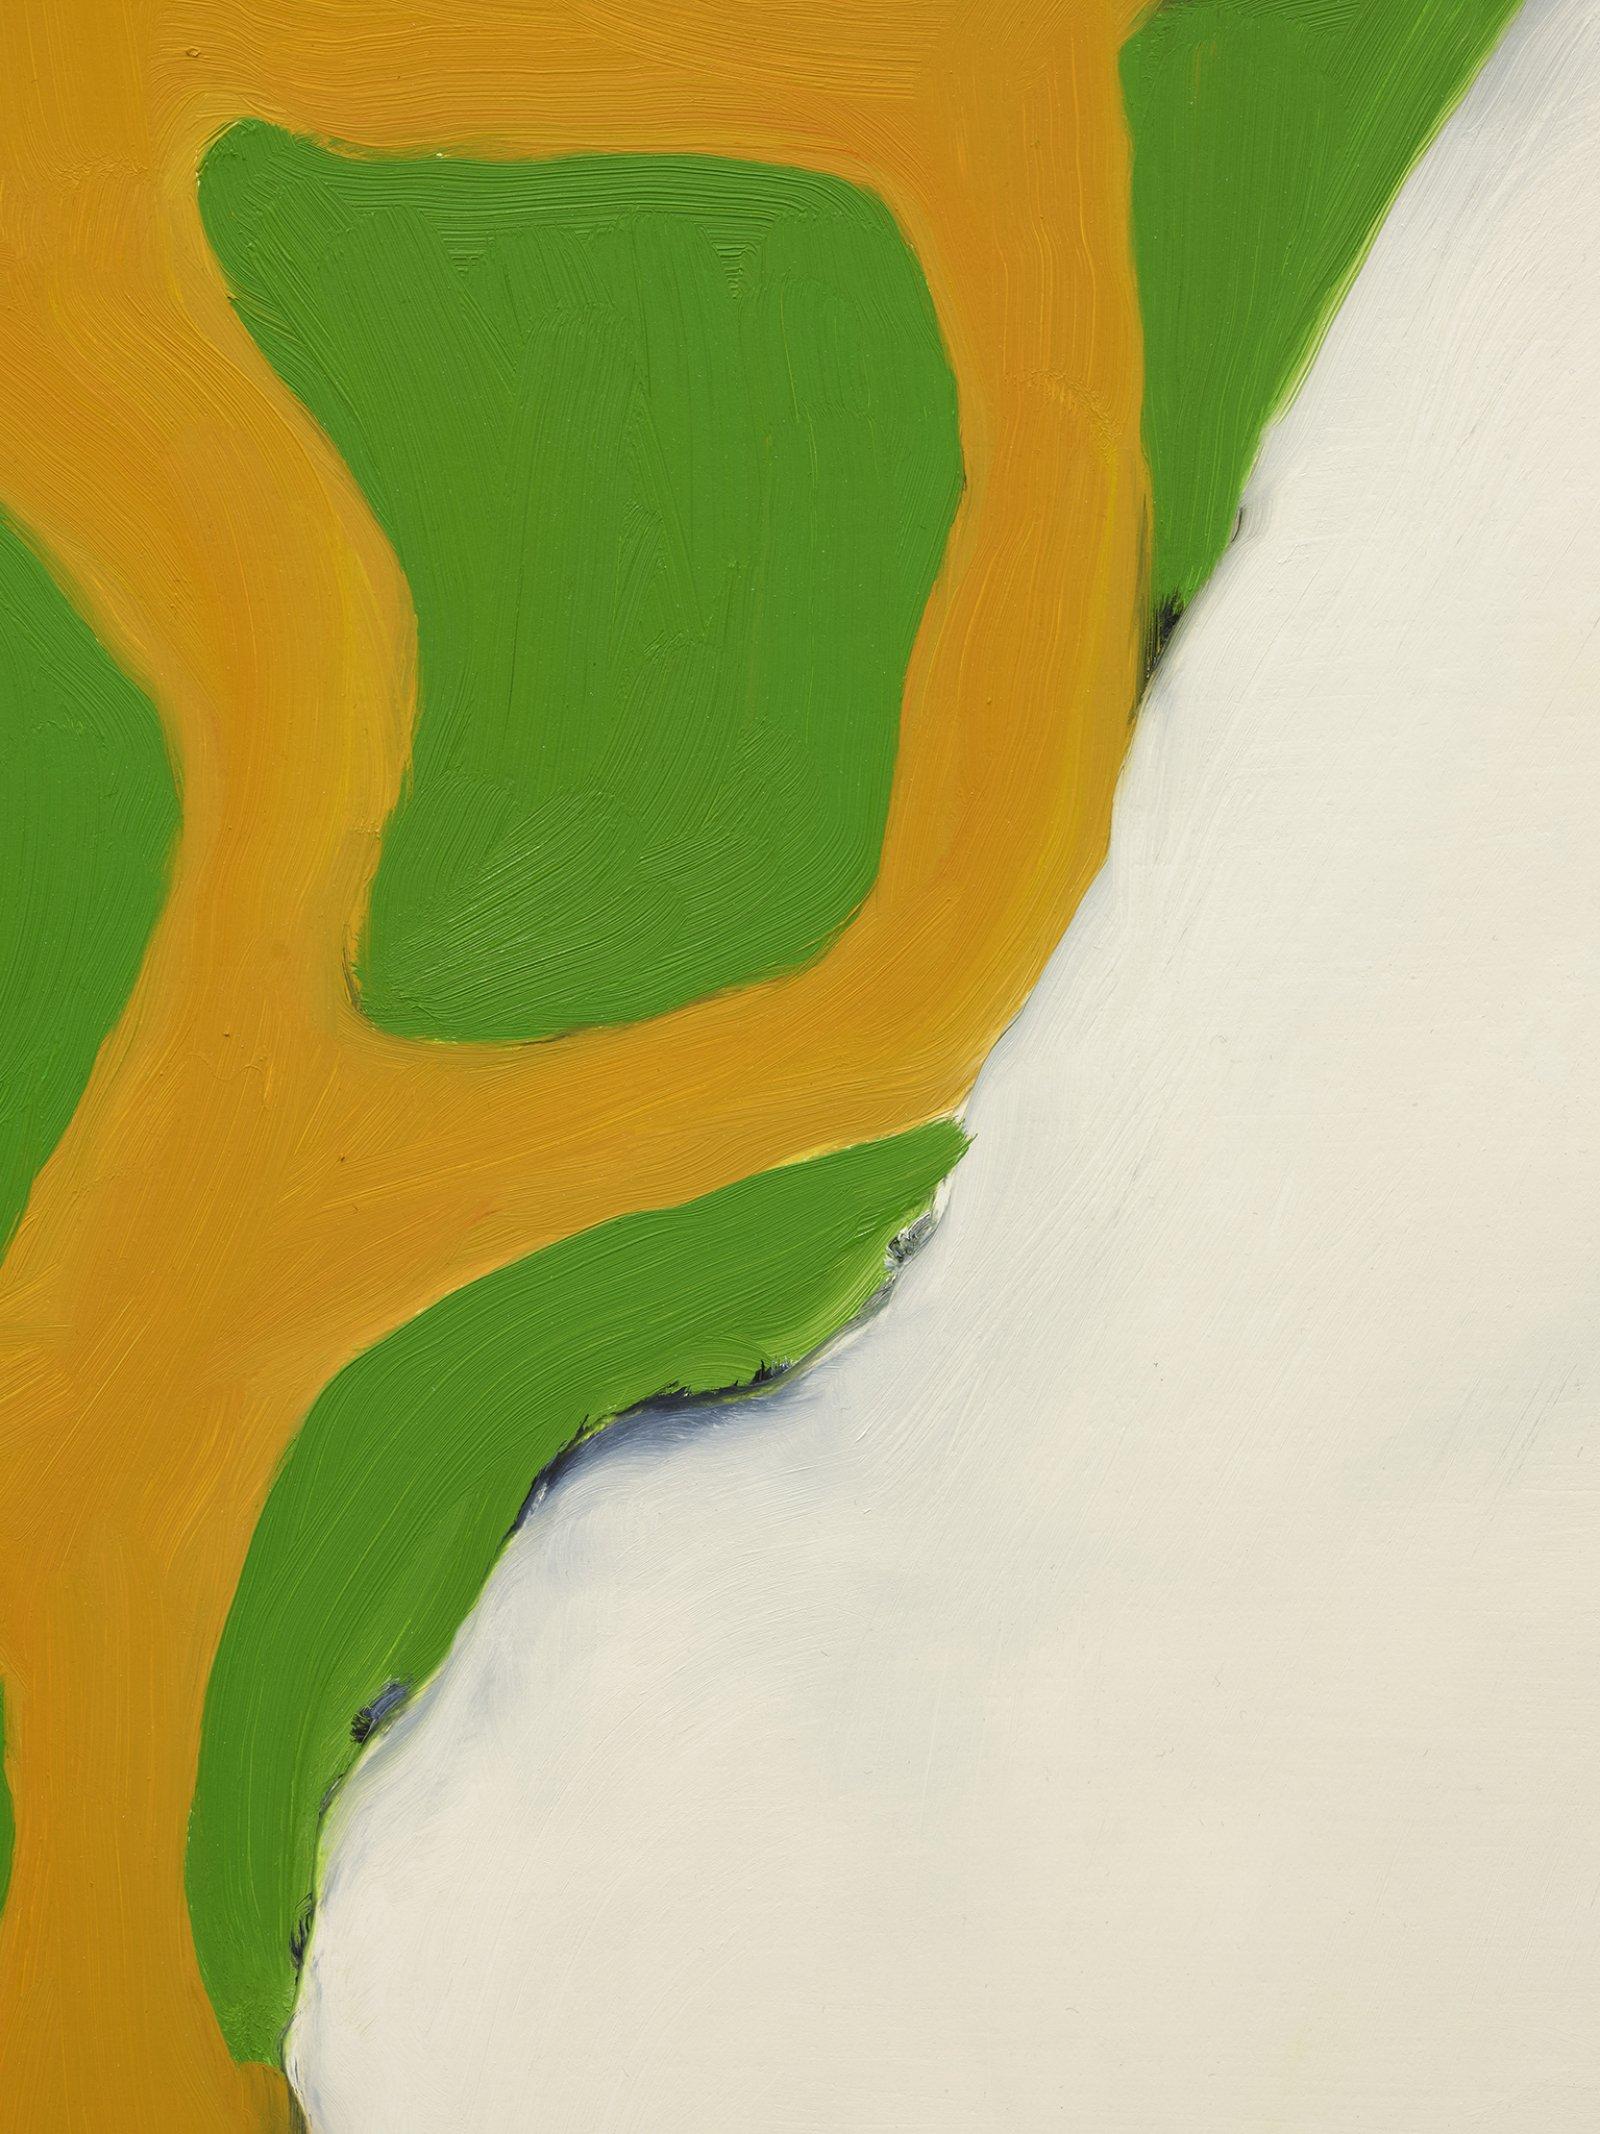 Elizabeth McIntosh, Room (detail), 2019, oil on canvas, 16 x 25 in. (39 x 64 cm) by Elizabeth McIntosh